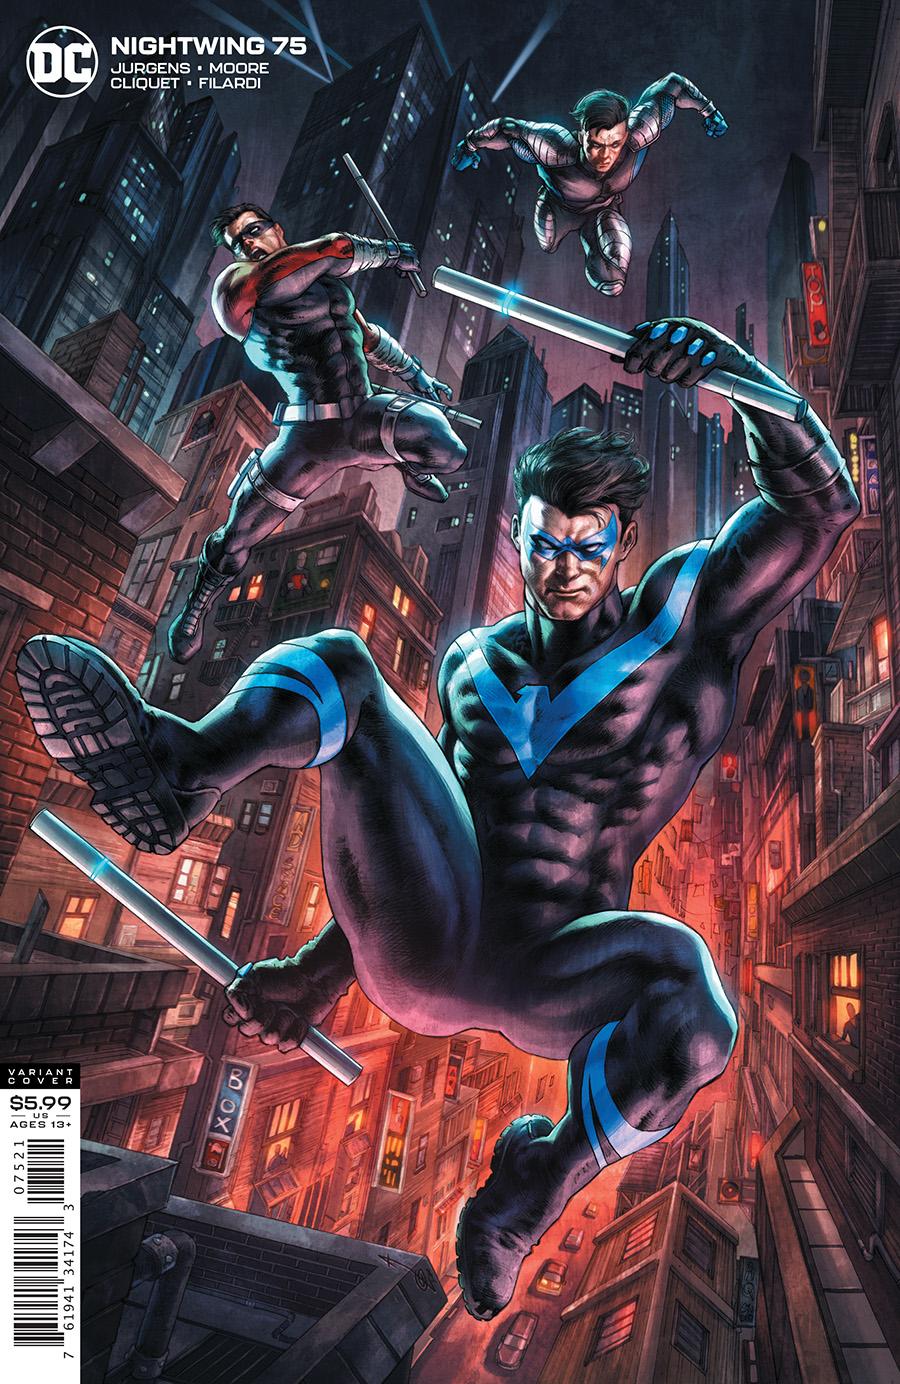 Nightwing Vol 4 #75 Cover B Alan Quah Variant